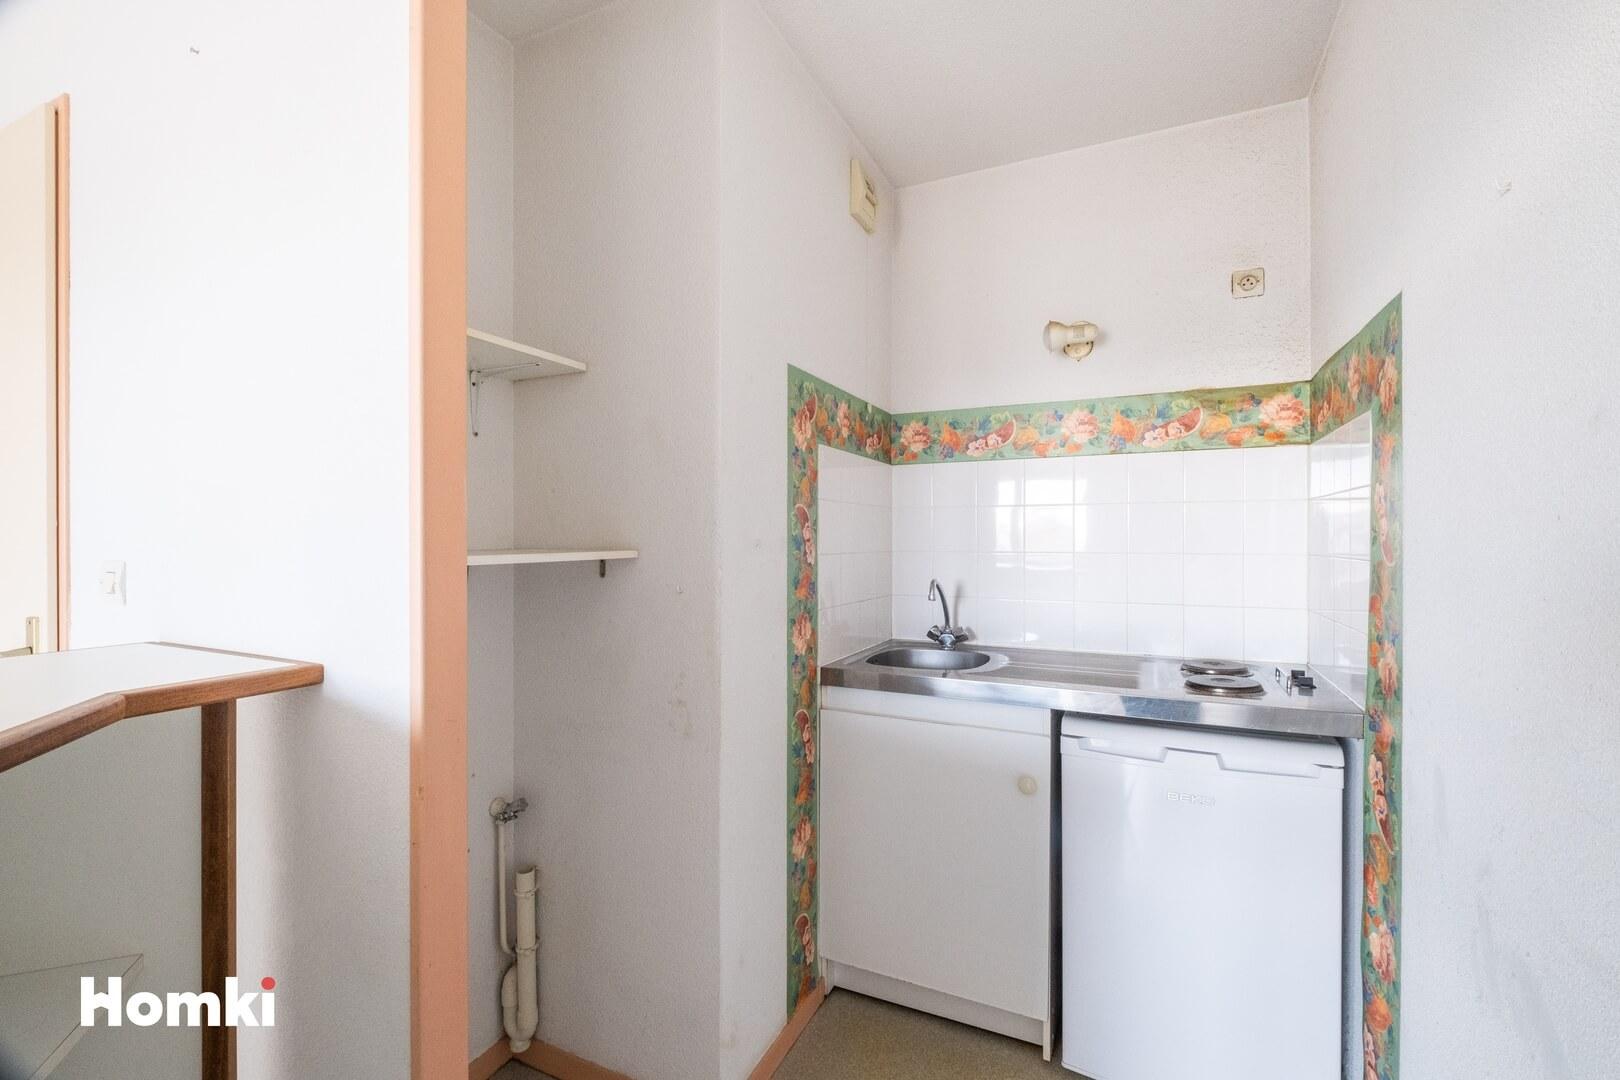 Homki - Vente Appartement  de 30.0 m² à Toulouse 31300